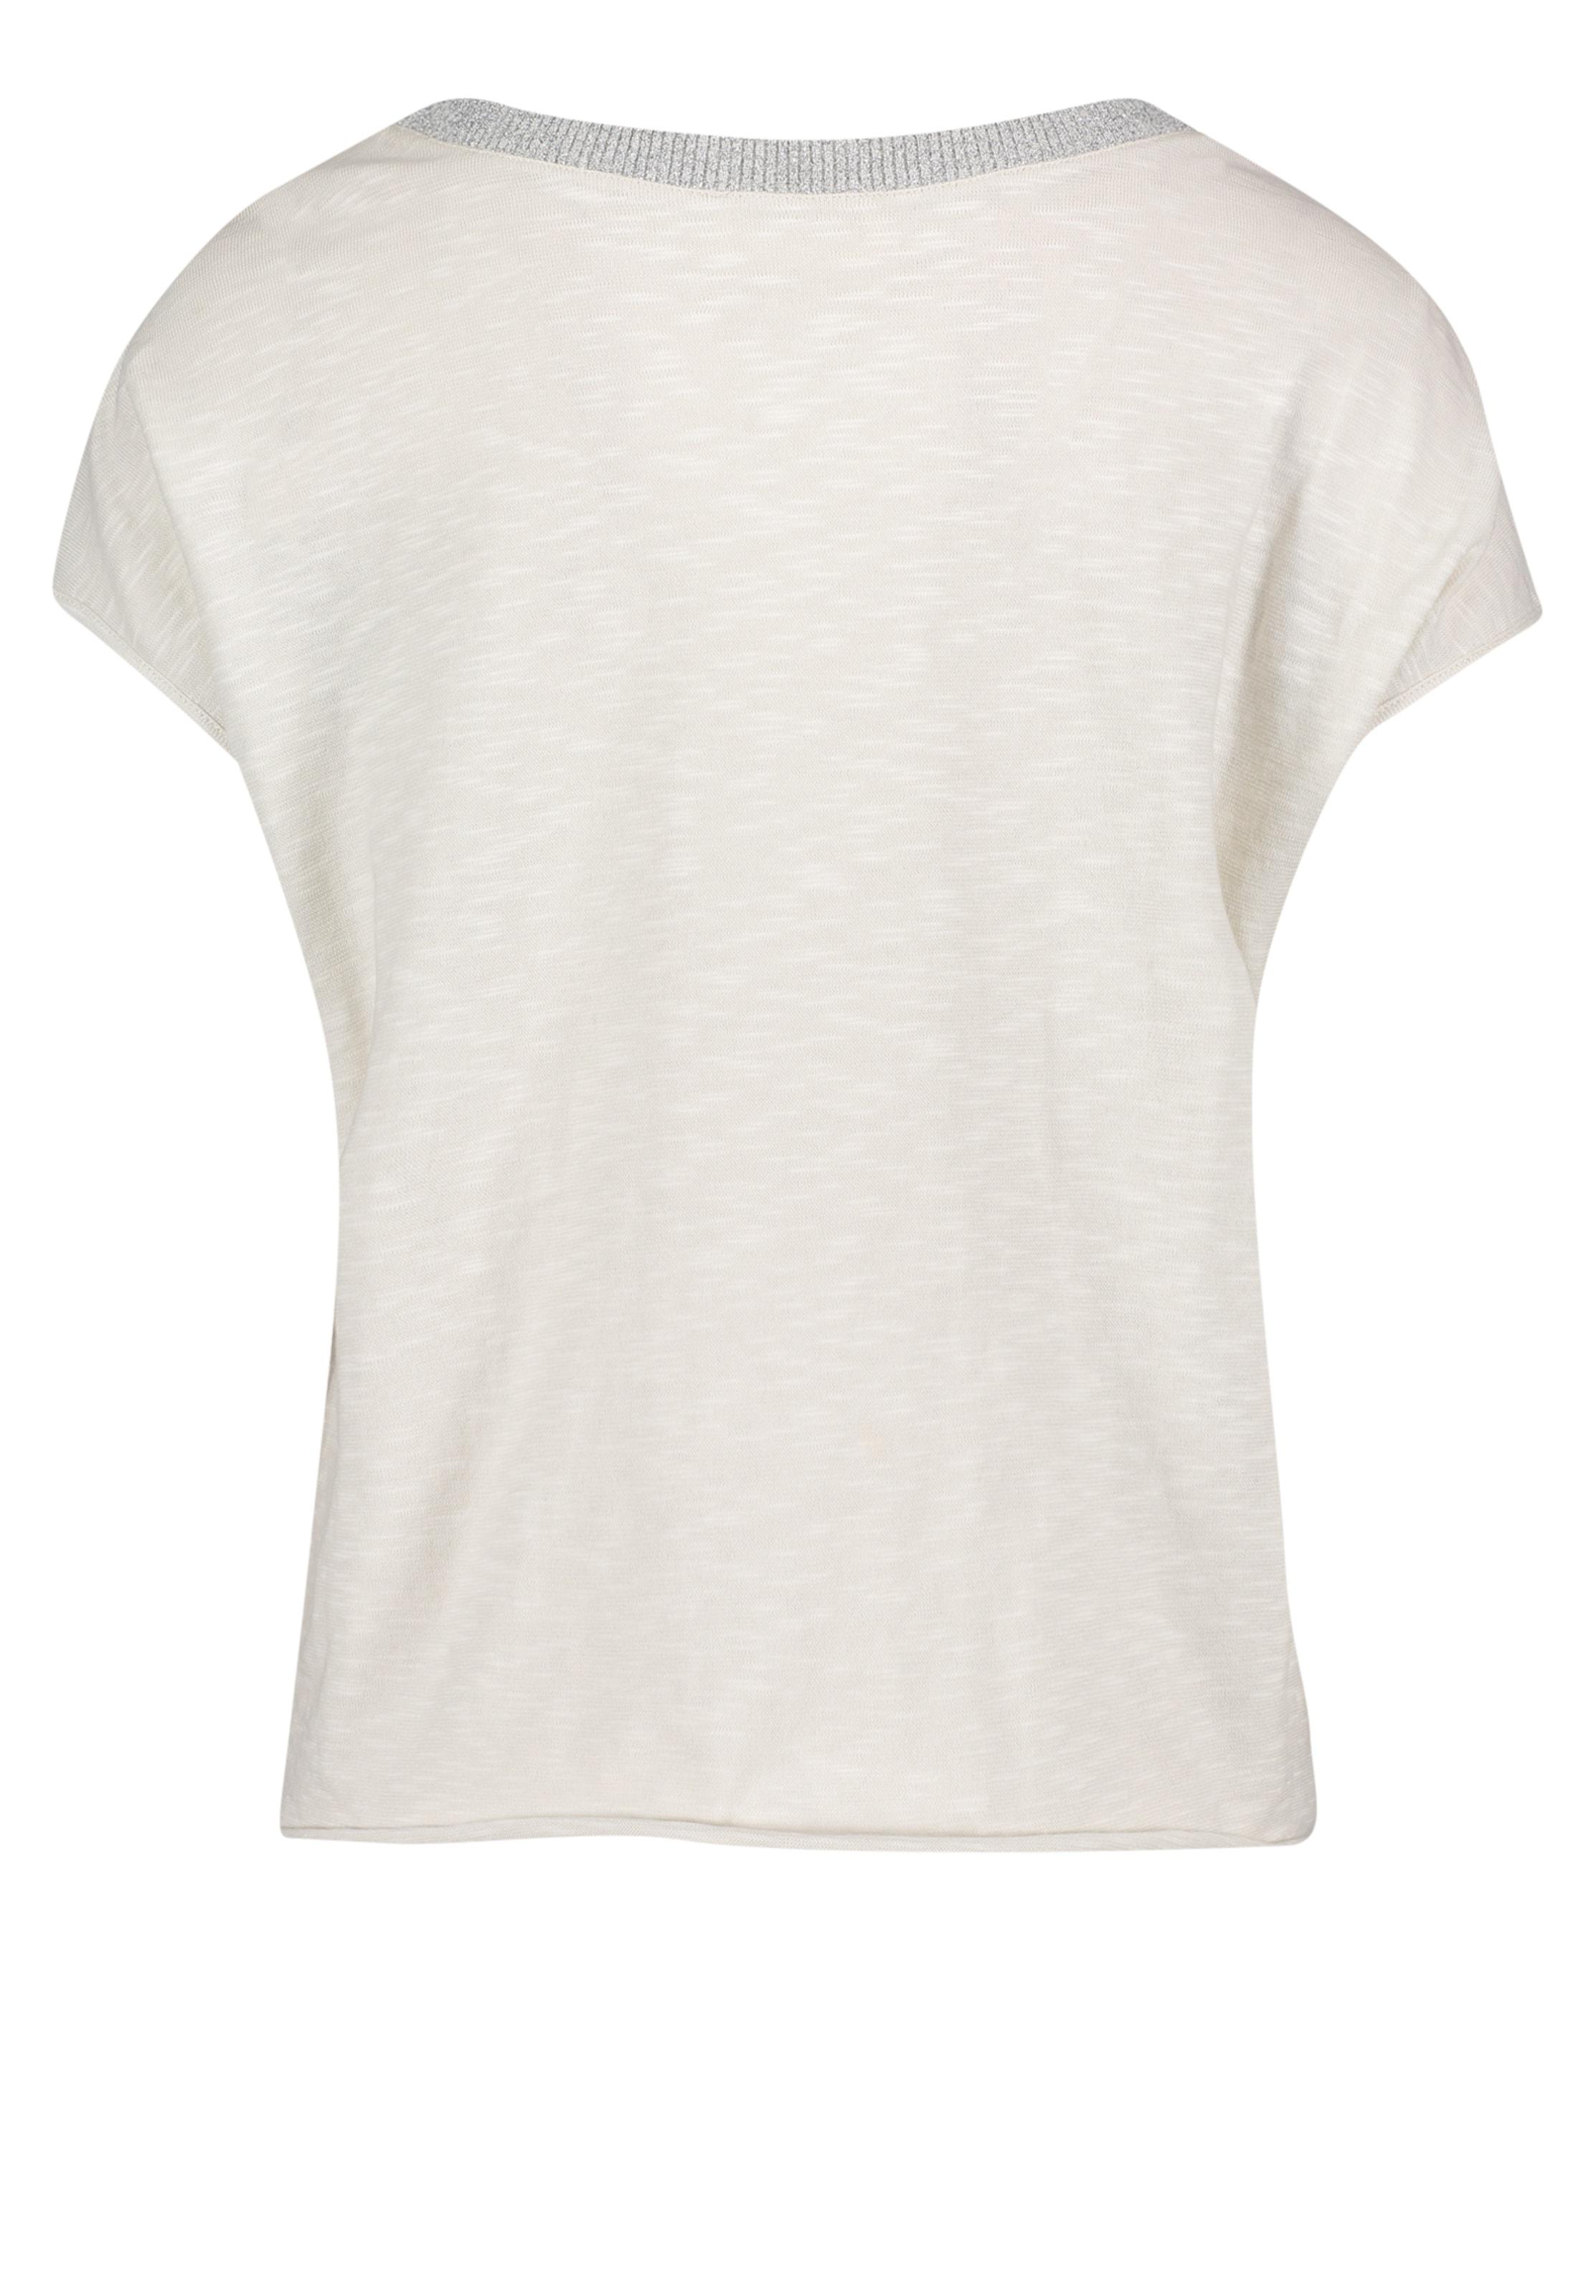 shirt SilberWeißmeliert shirt Casual In Casual Cartoon SilberWeißmeliert In Cartoon lKJFT1c